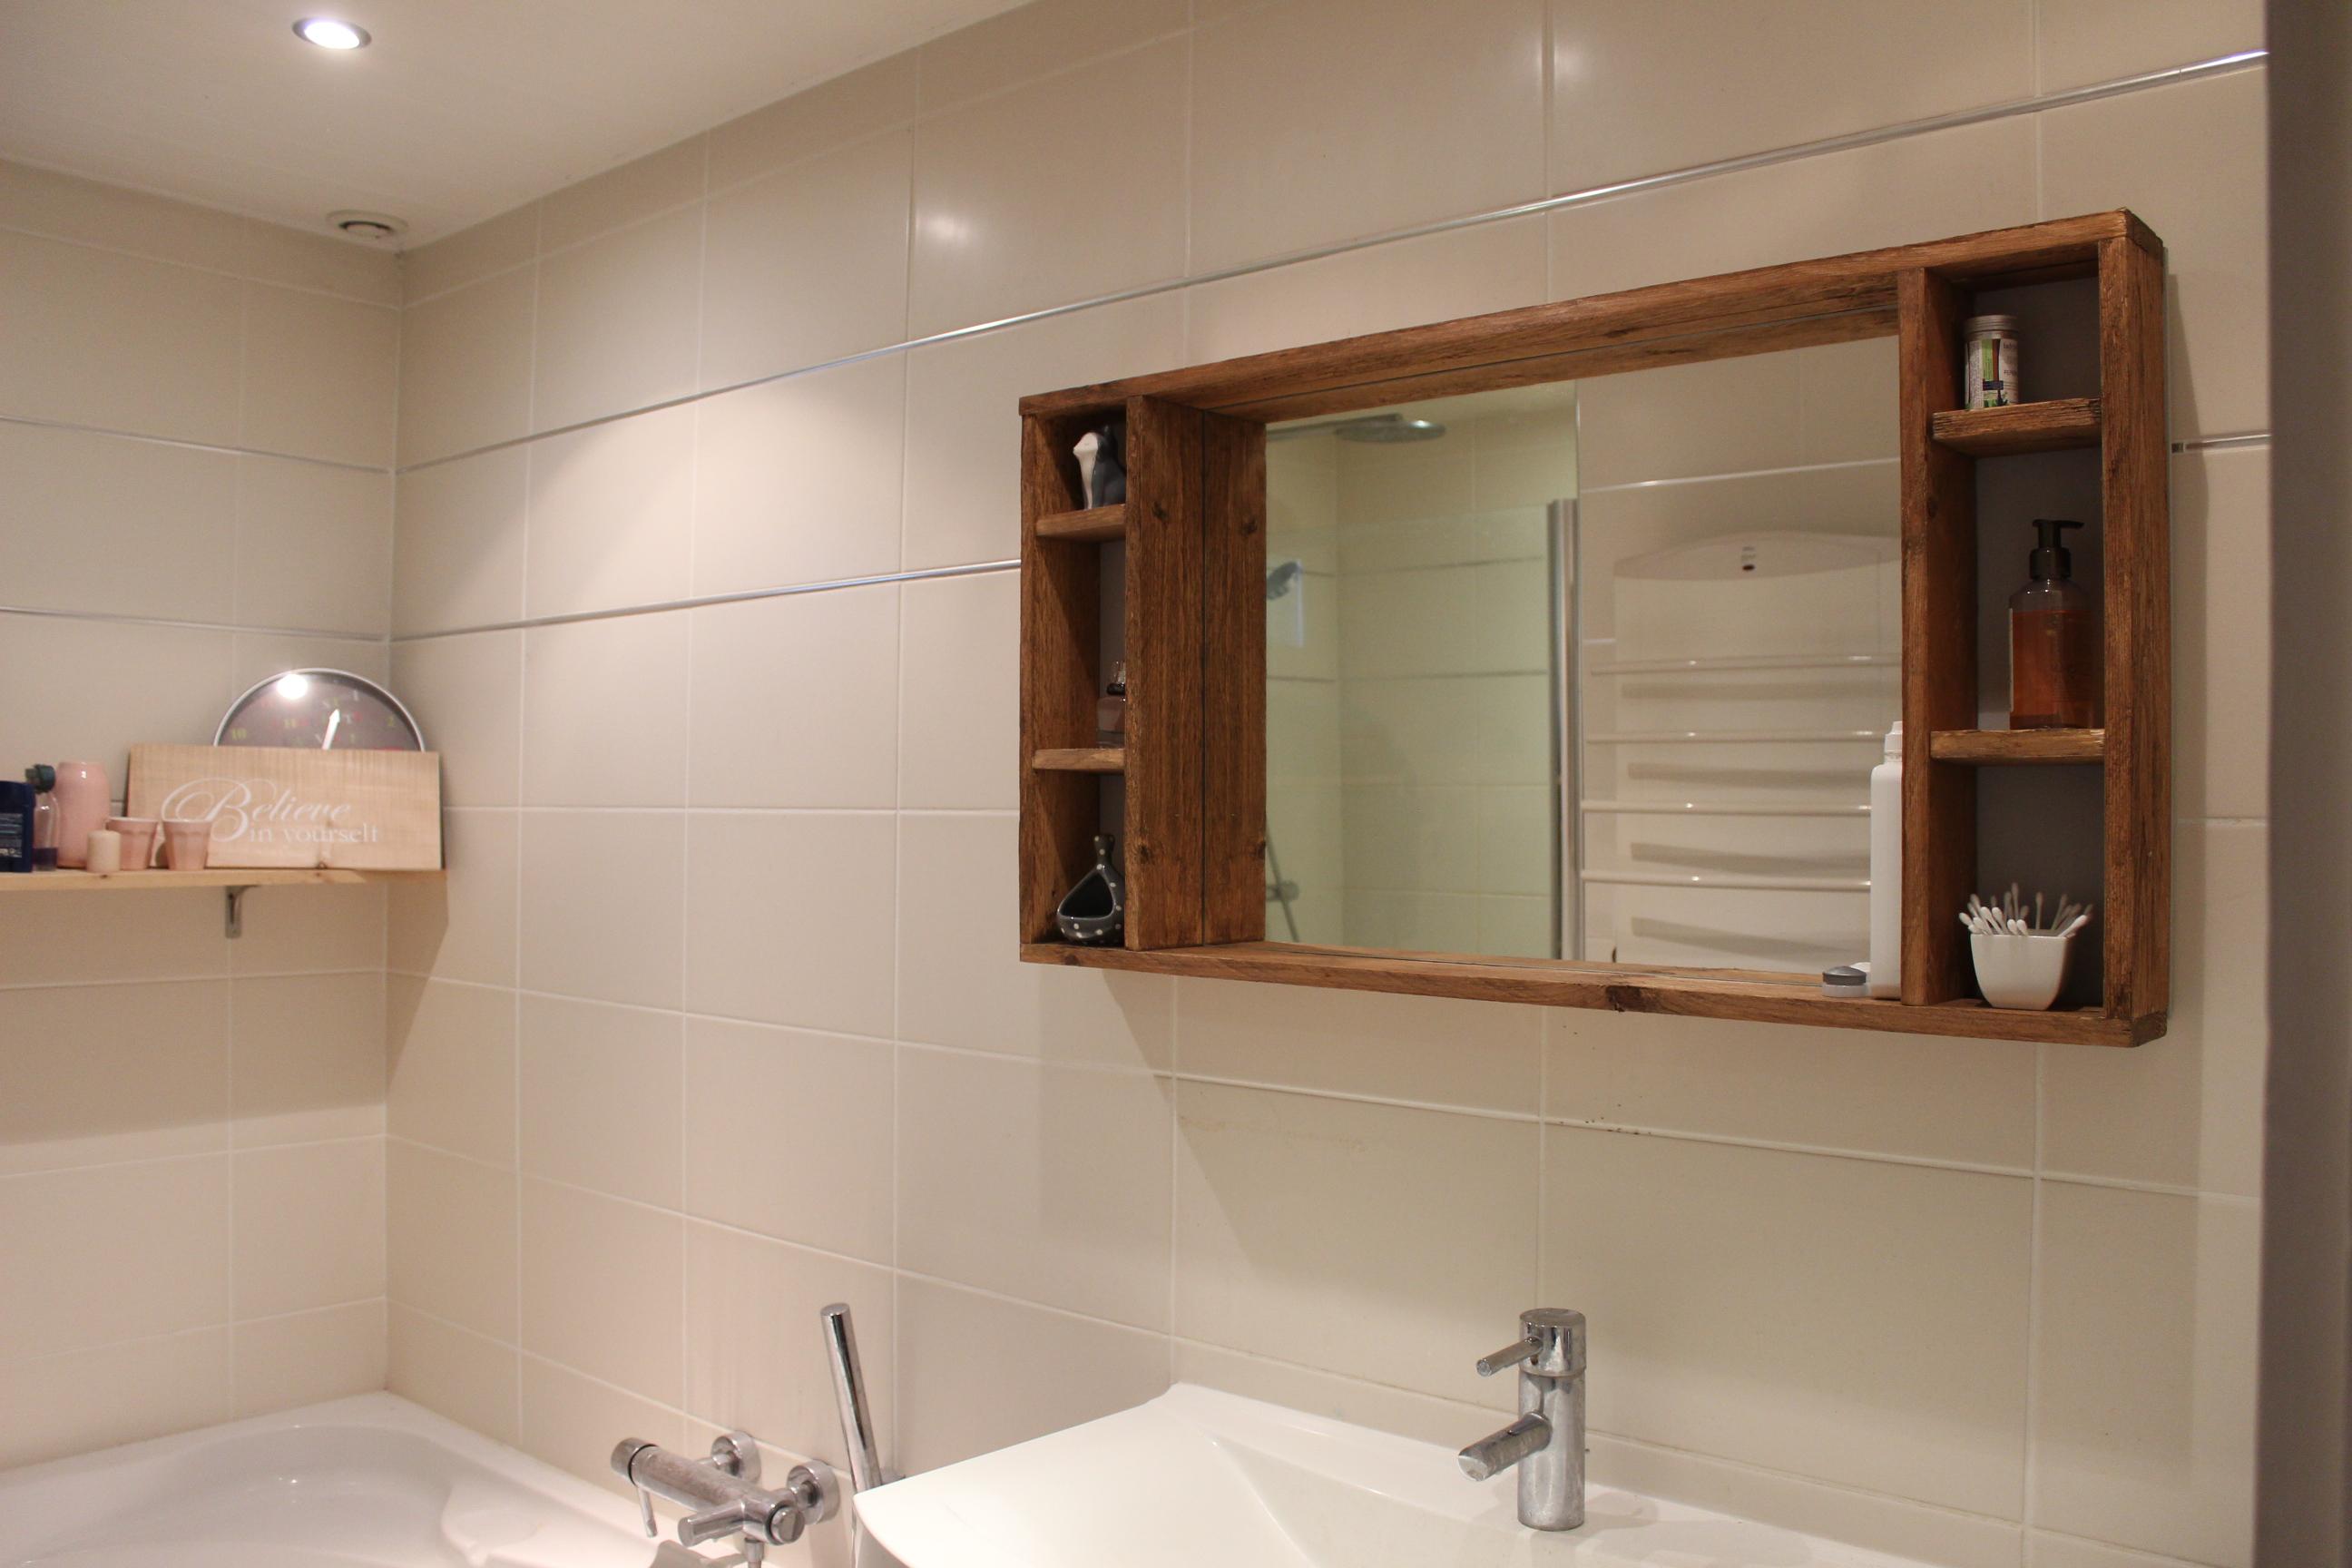 Fabriquer Meuble Salle De Bain Palette tutoriel pour réaliser un miroir à accrocher avec rangements